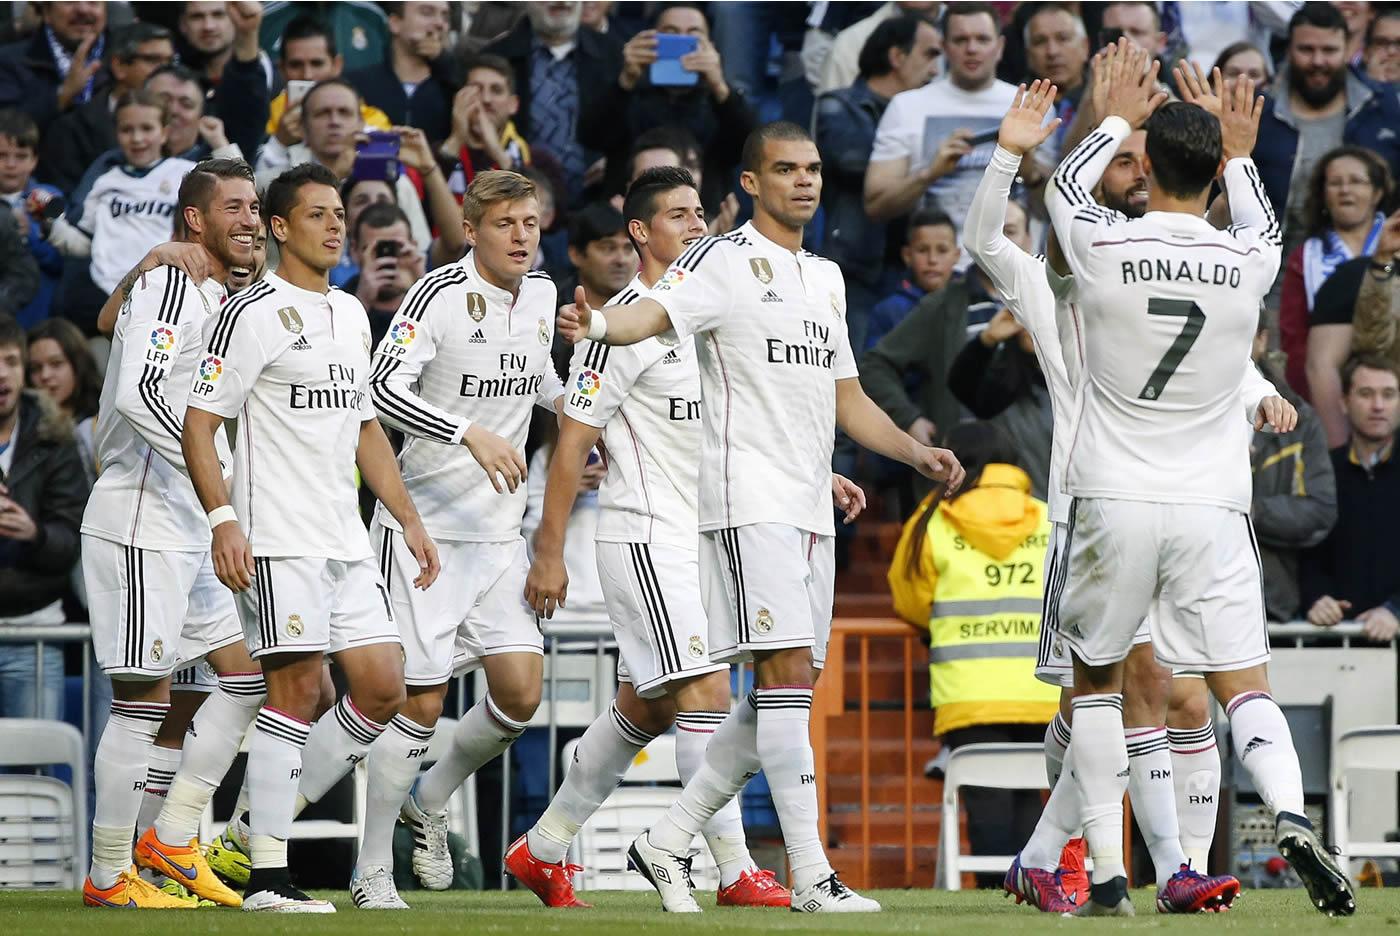 Real Madrid 3 - 1 Málaga (Liga española)